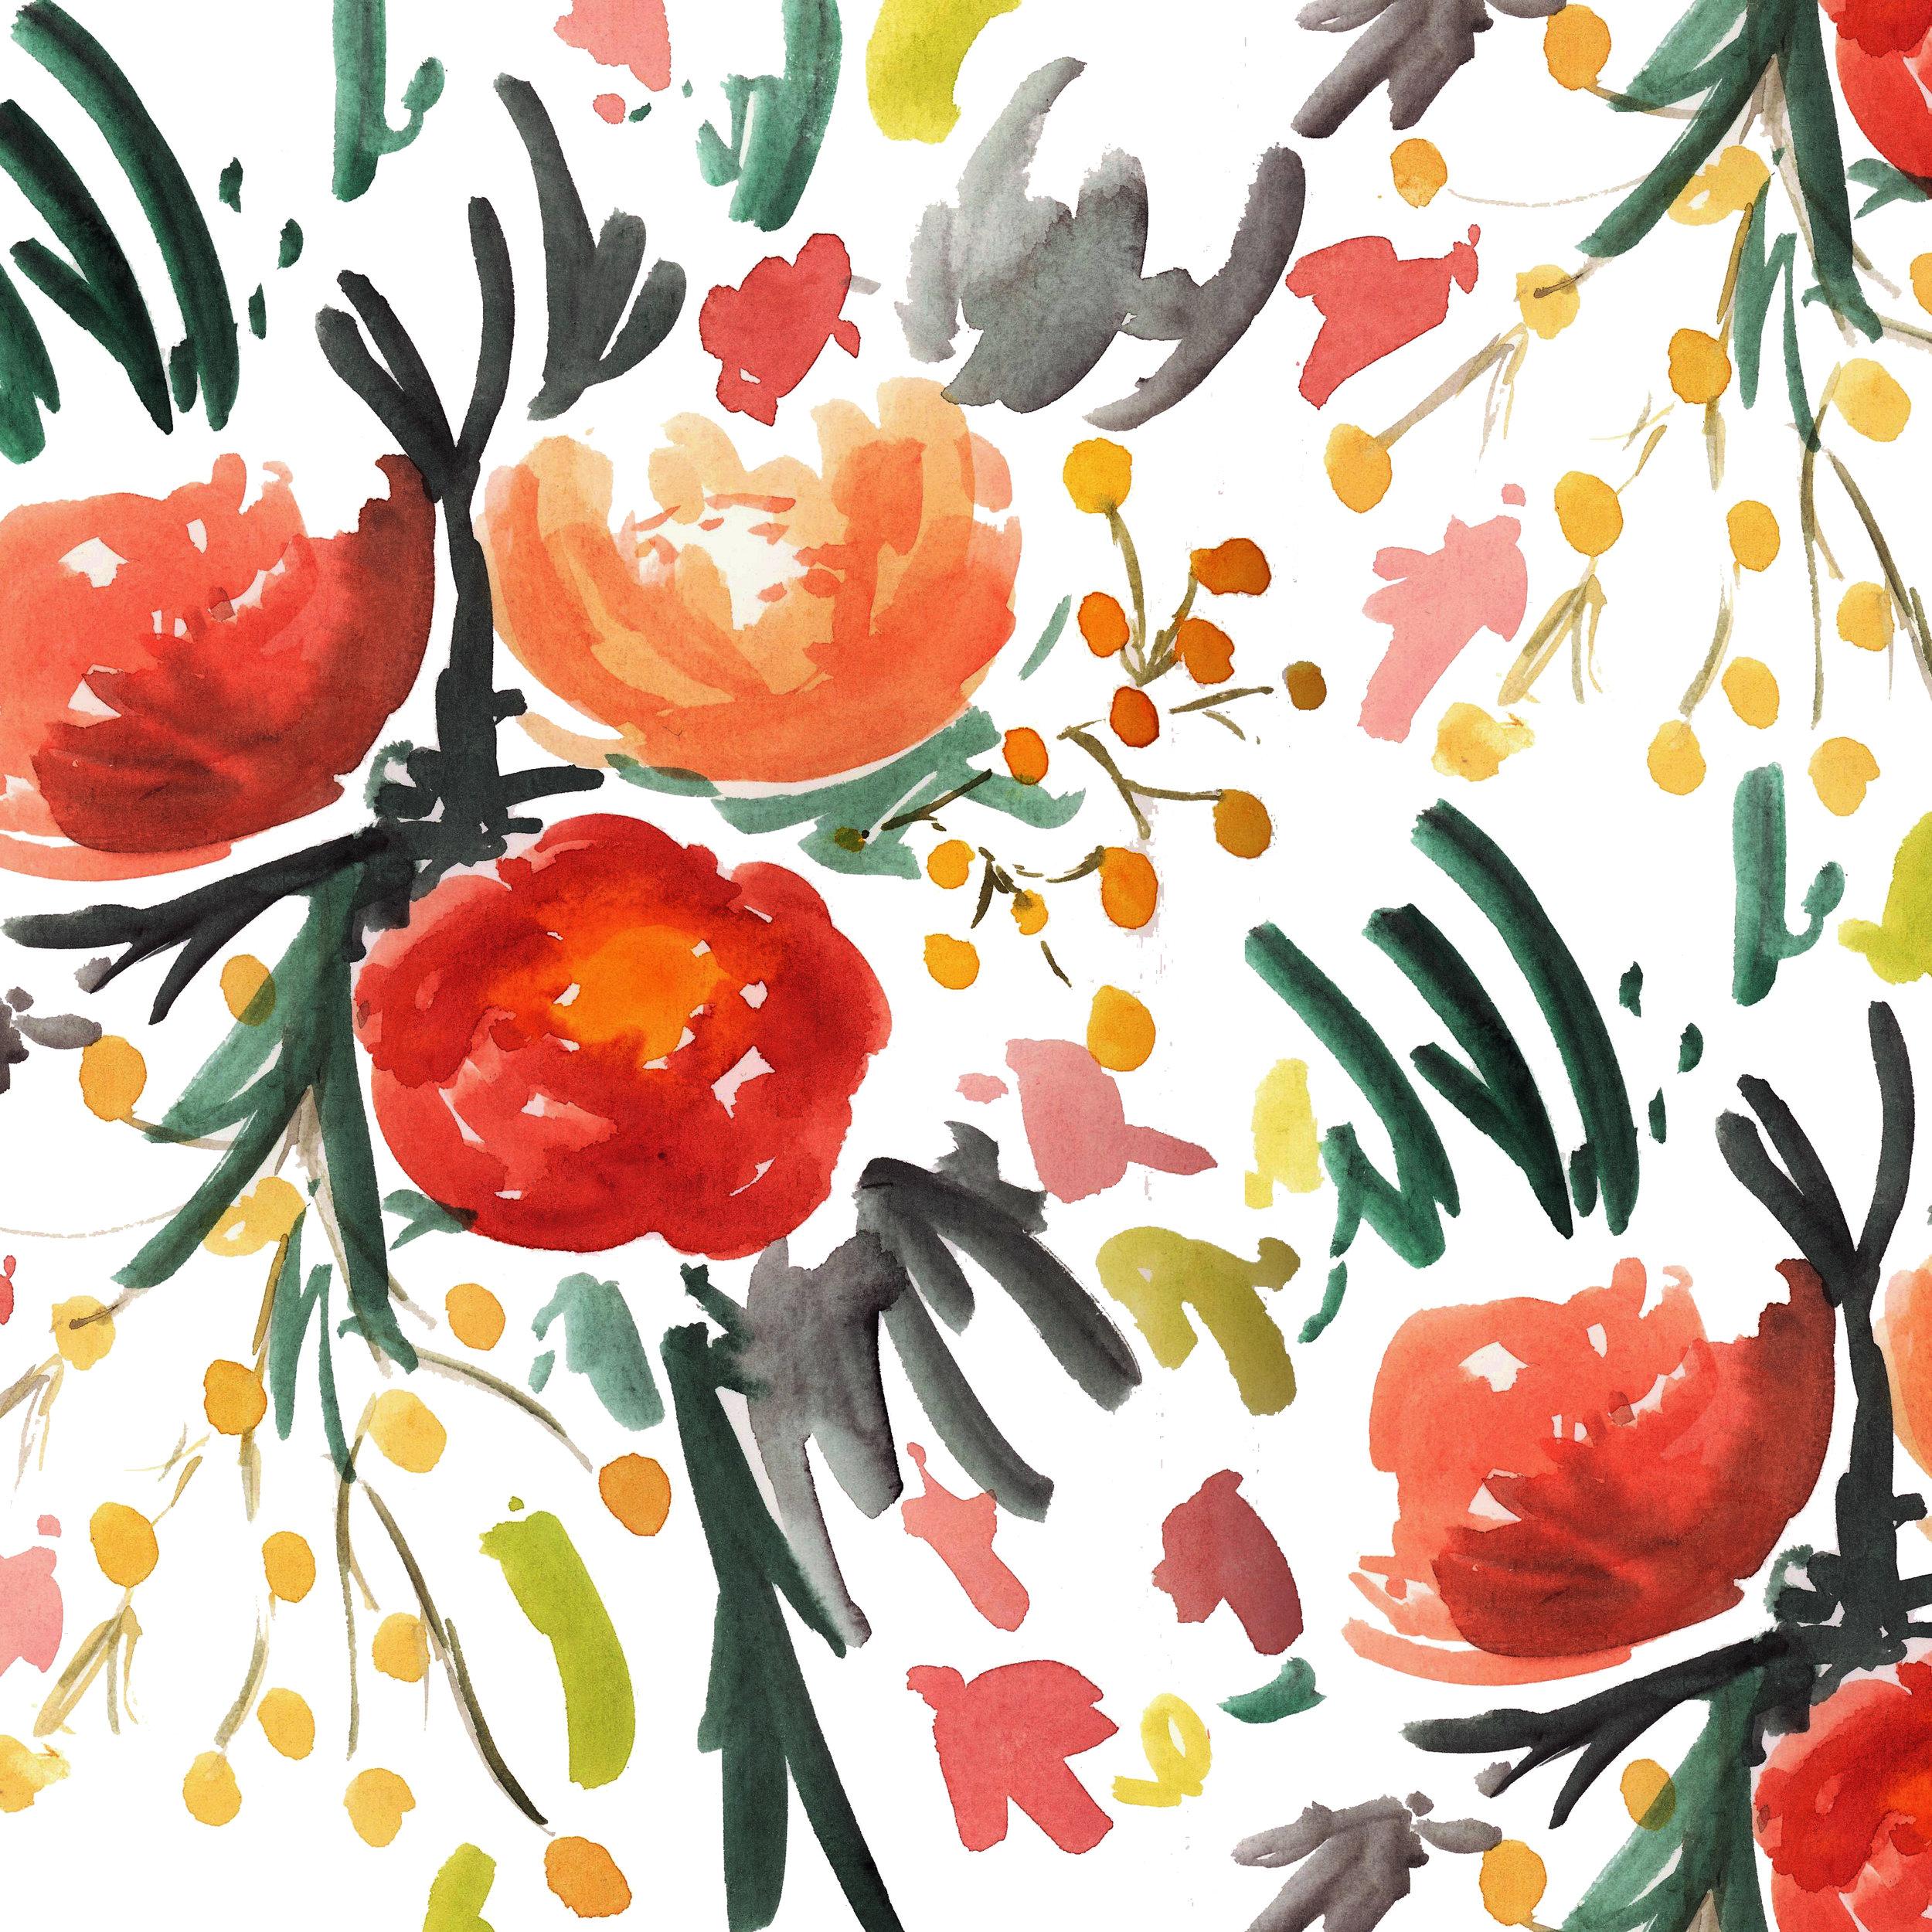 floralburstpattern.jpg